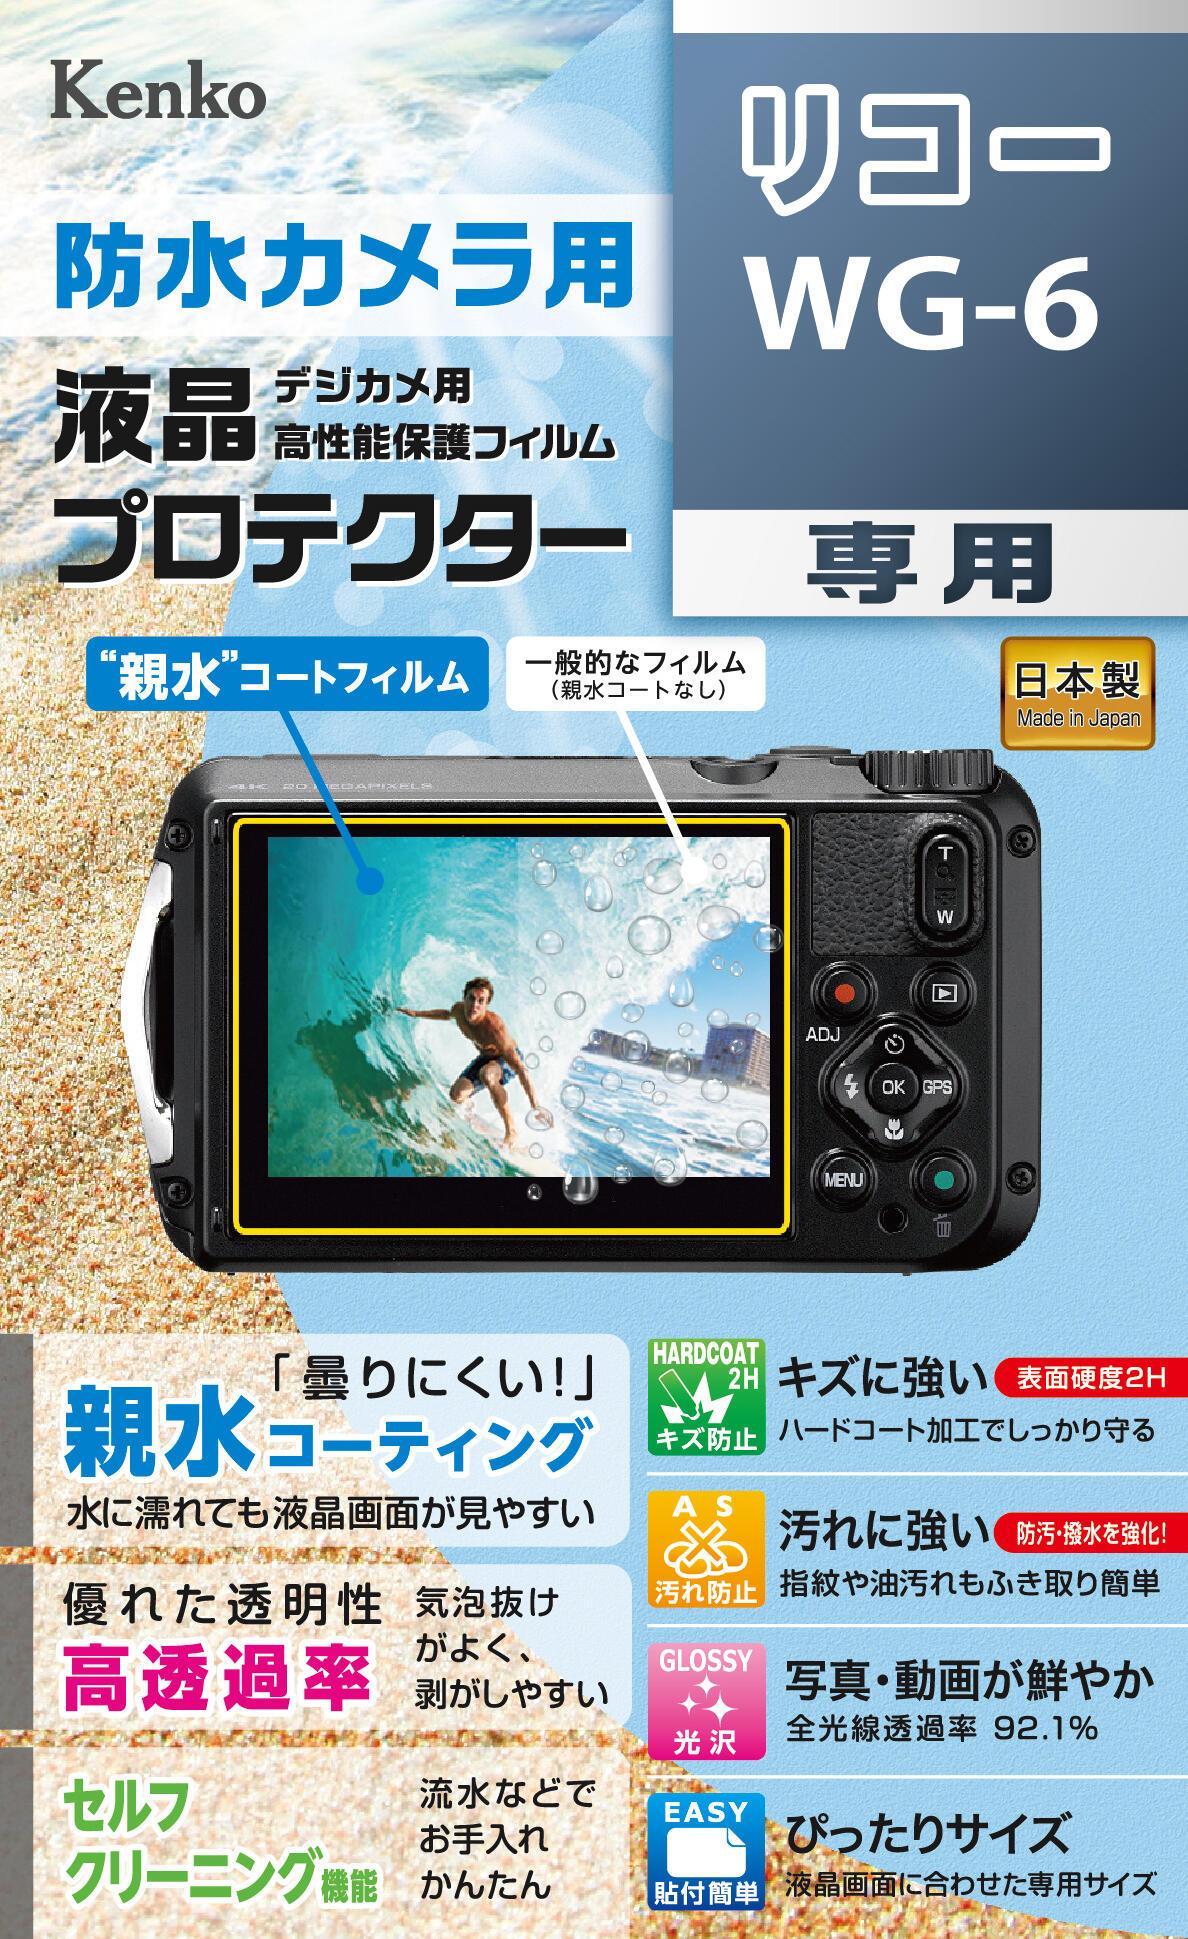 https://www.kenko-tokina.co.jp/imaging/eq/mt-images/4961607072943.jpg